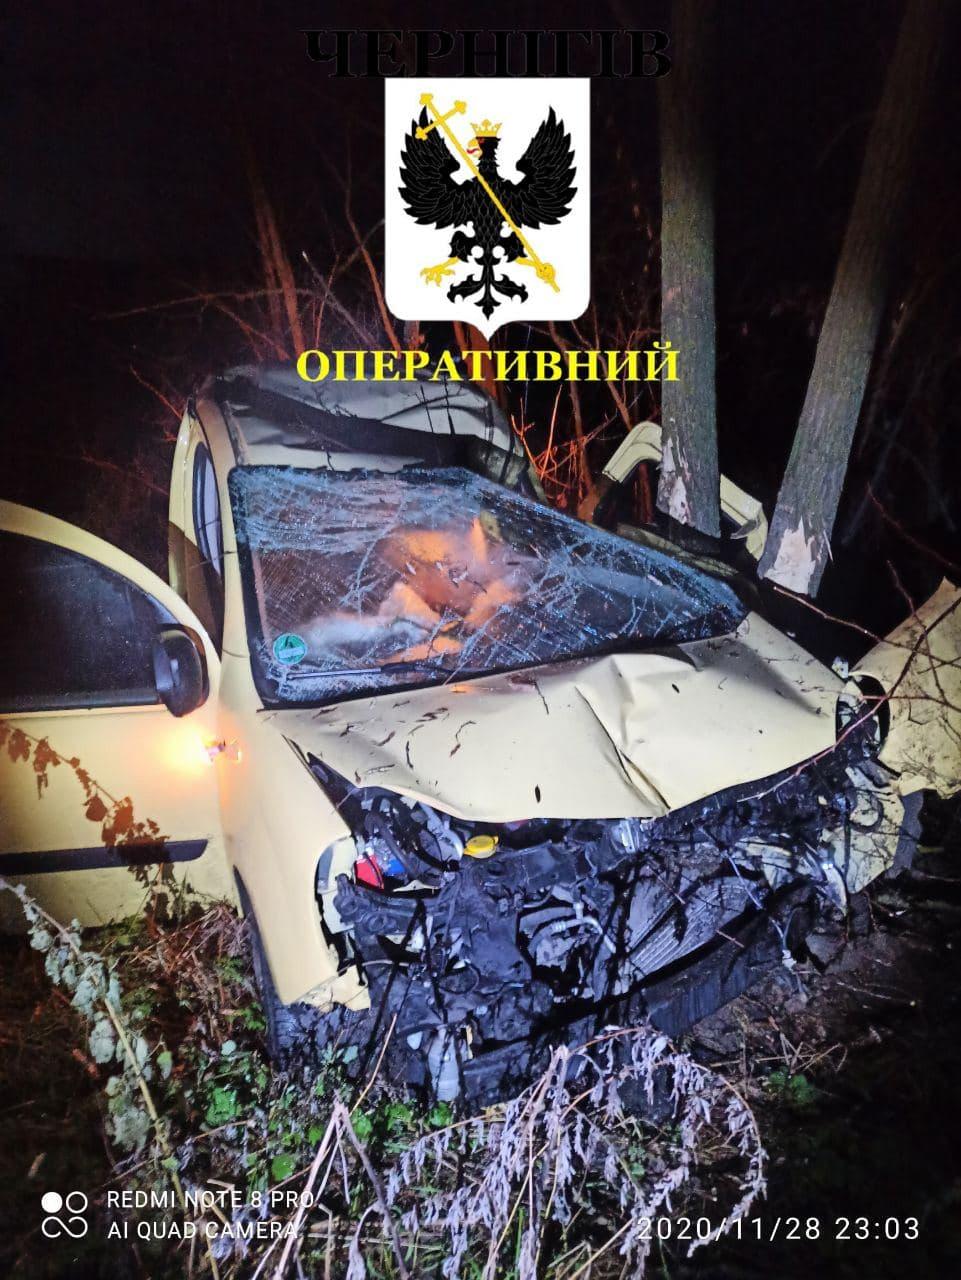 У Чернігові чоловік викрав таксі й потрапив у смертельну ДТП